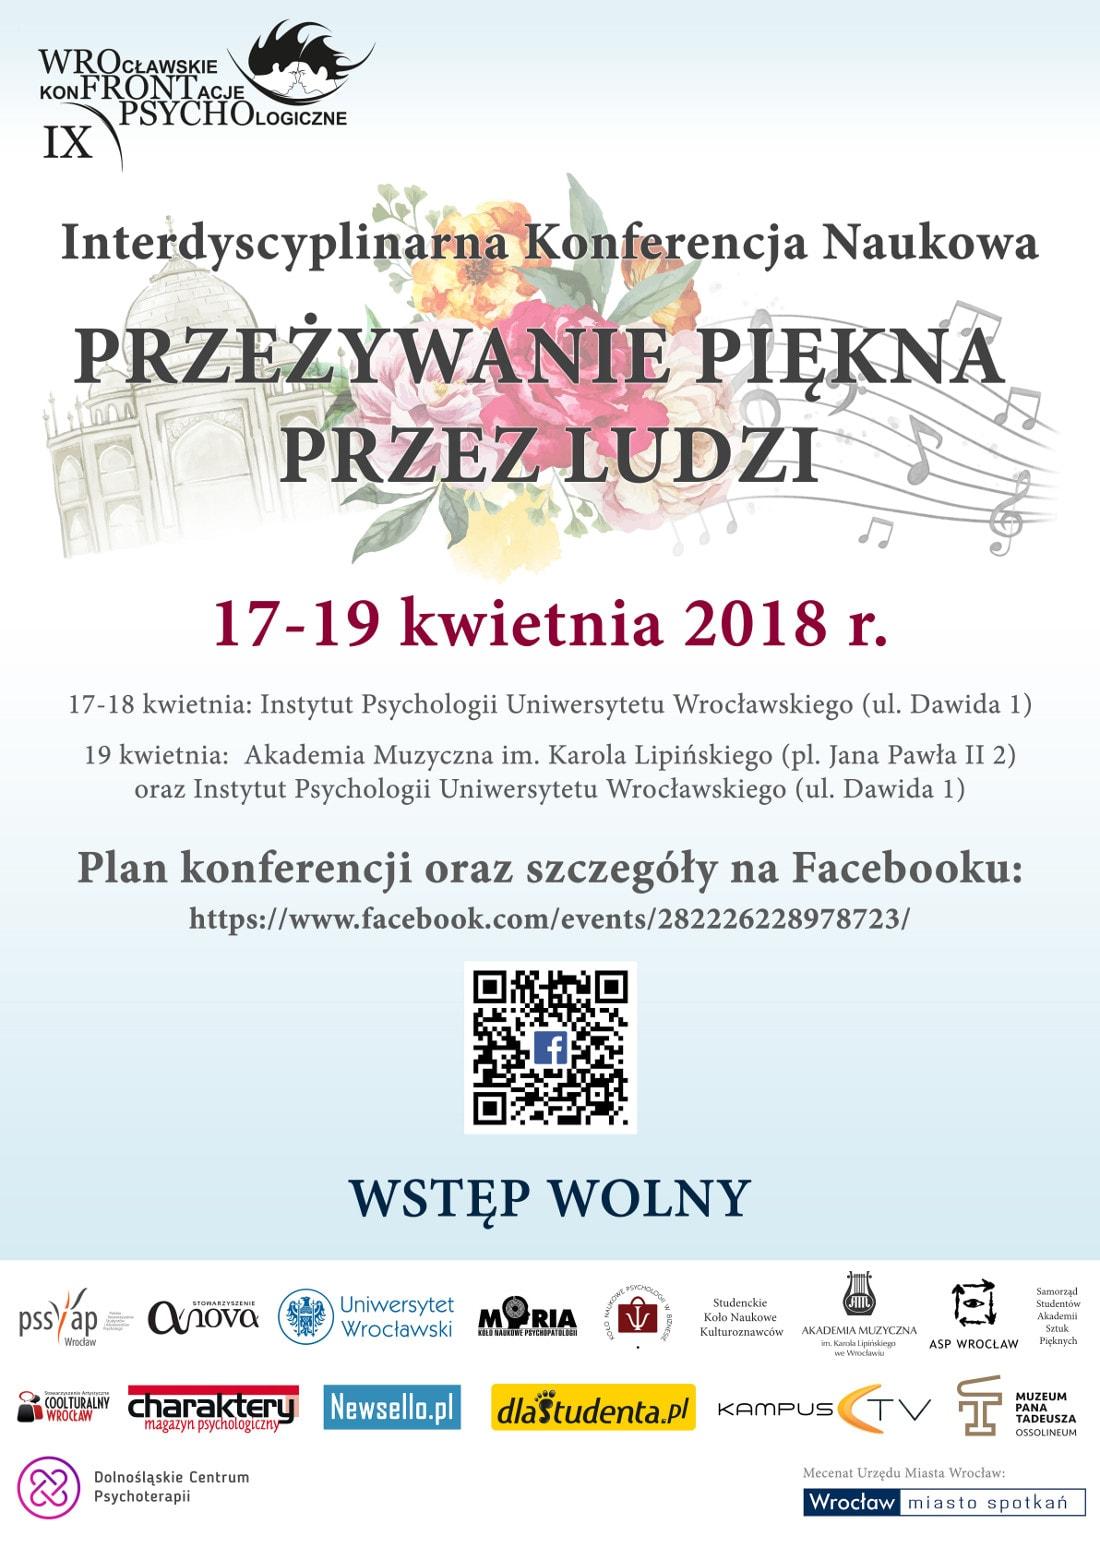 Konferencja naukowa odbędzie się w dniach 17-19 kwietnia 2018 roku.